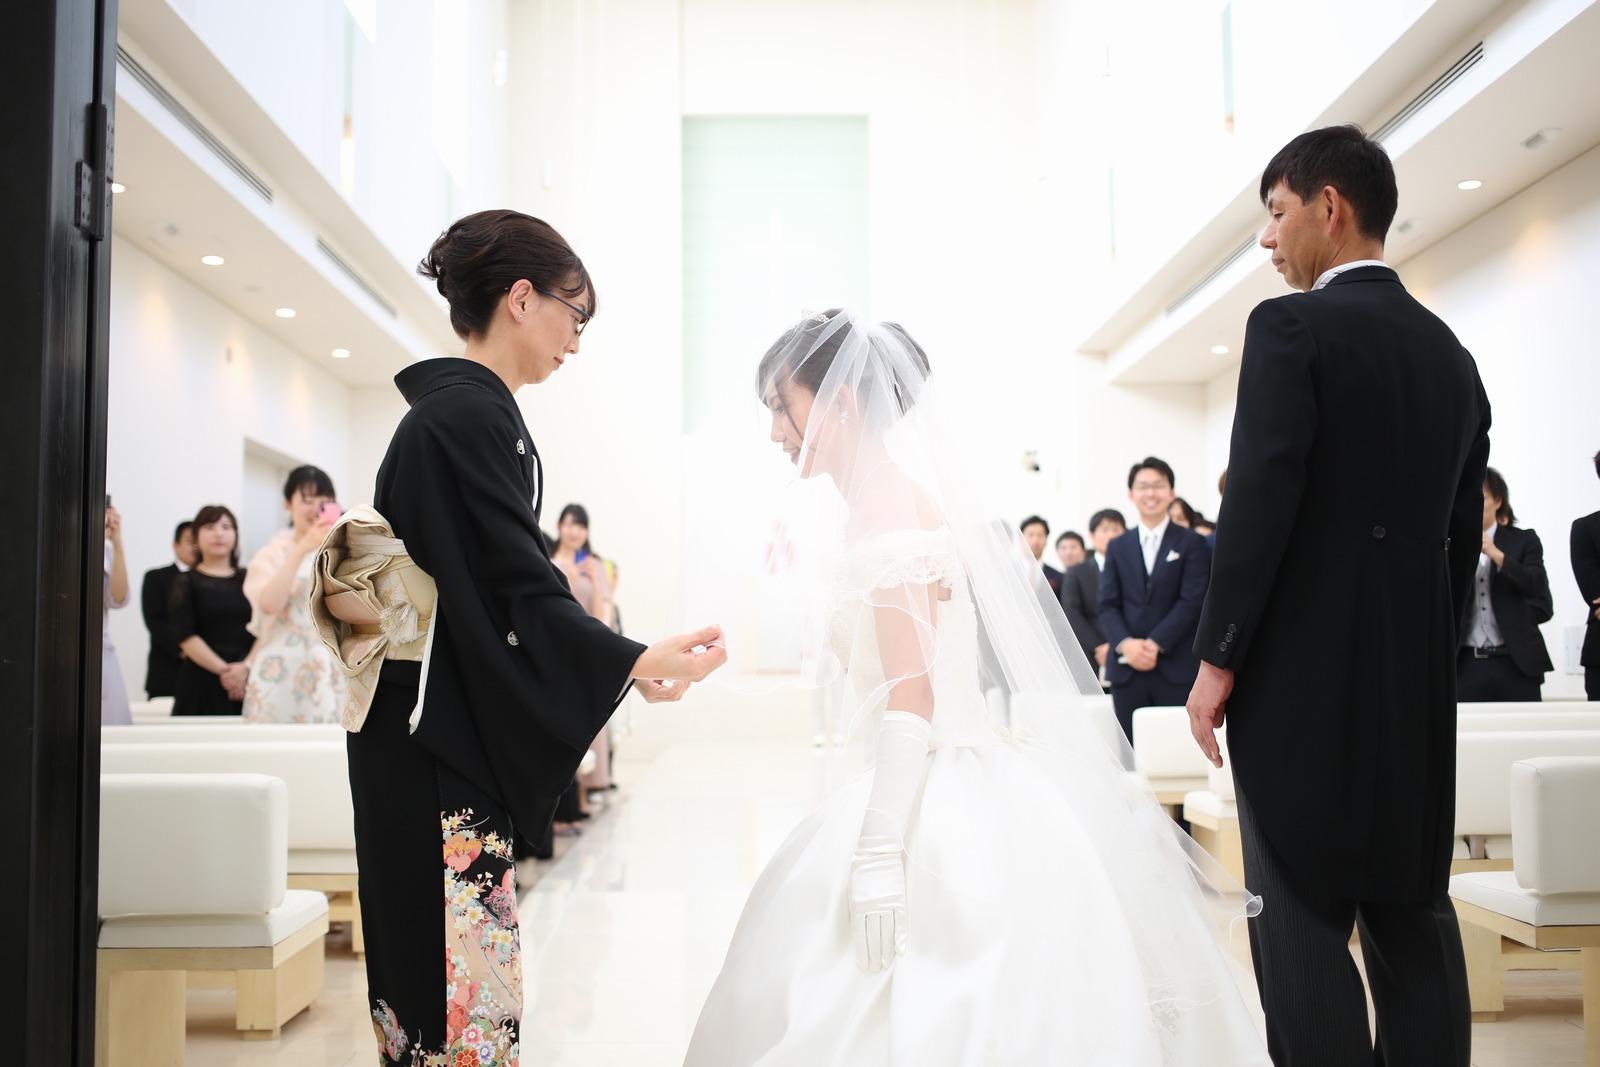 徳島市の結婚式場ブランアンジュでチャペル入場する前に行ったベールダウン